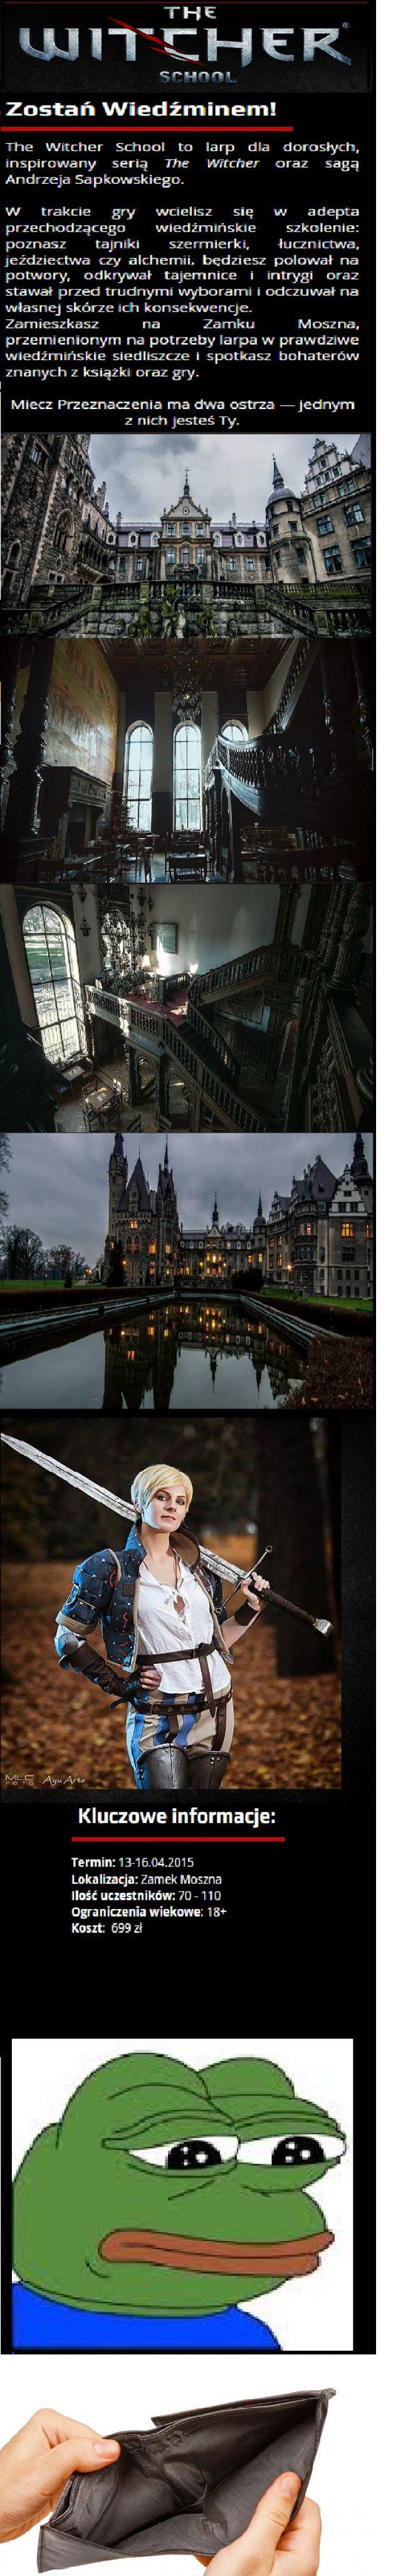 Witcher School - polska szkoła wiedźminów